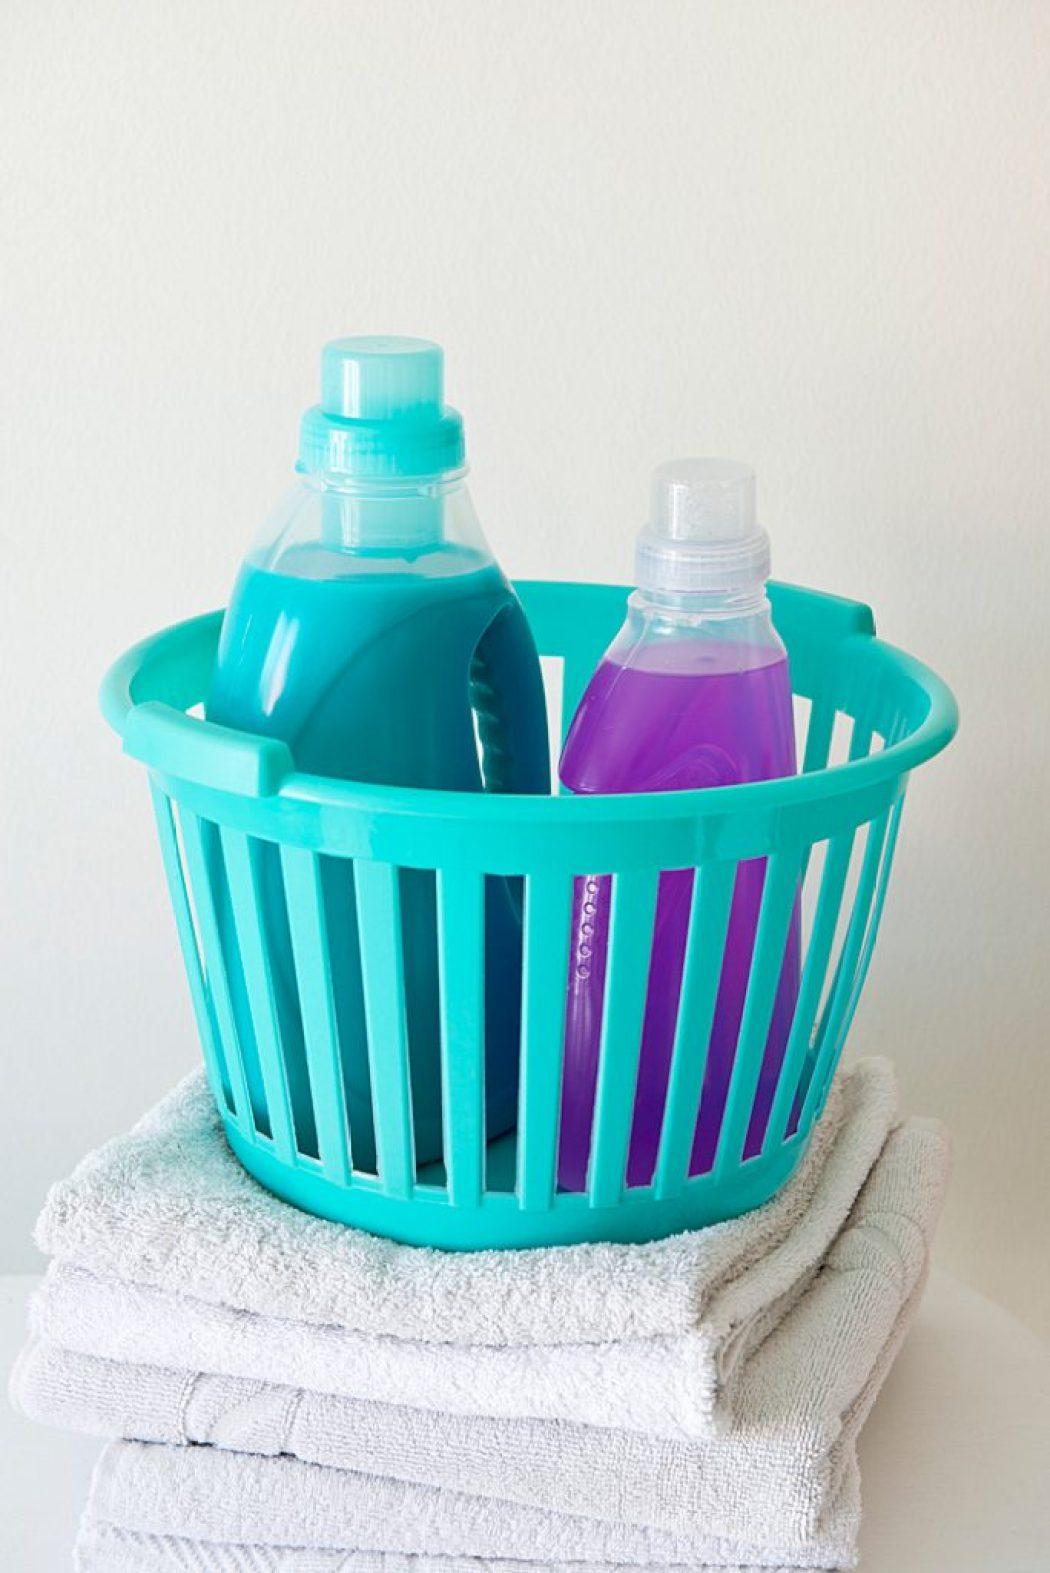 Die Waschmaschine braucht manchmal etwas Mundwasser